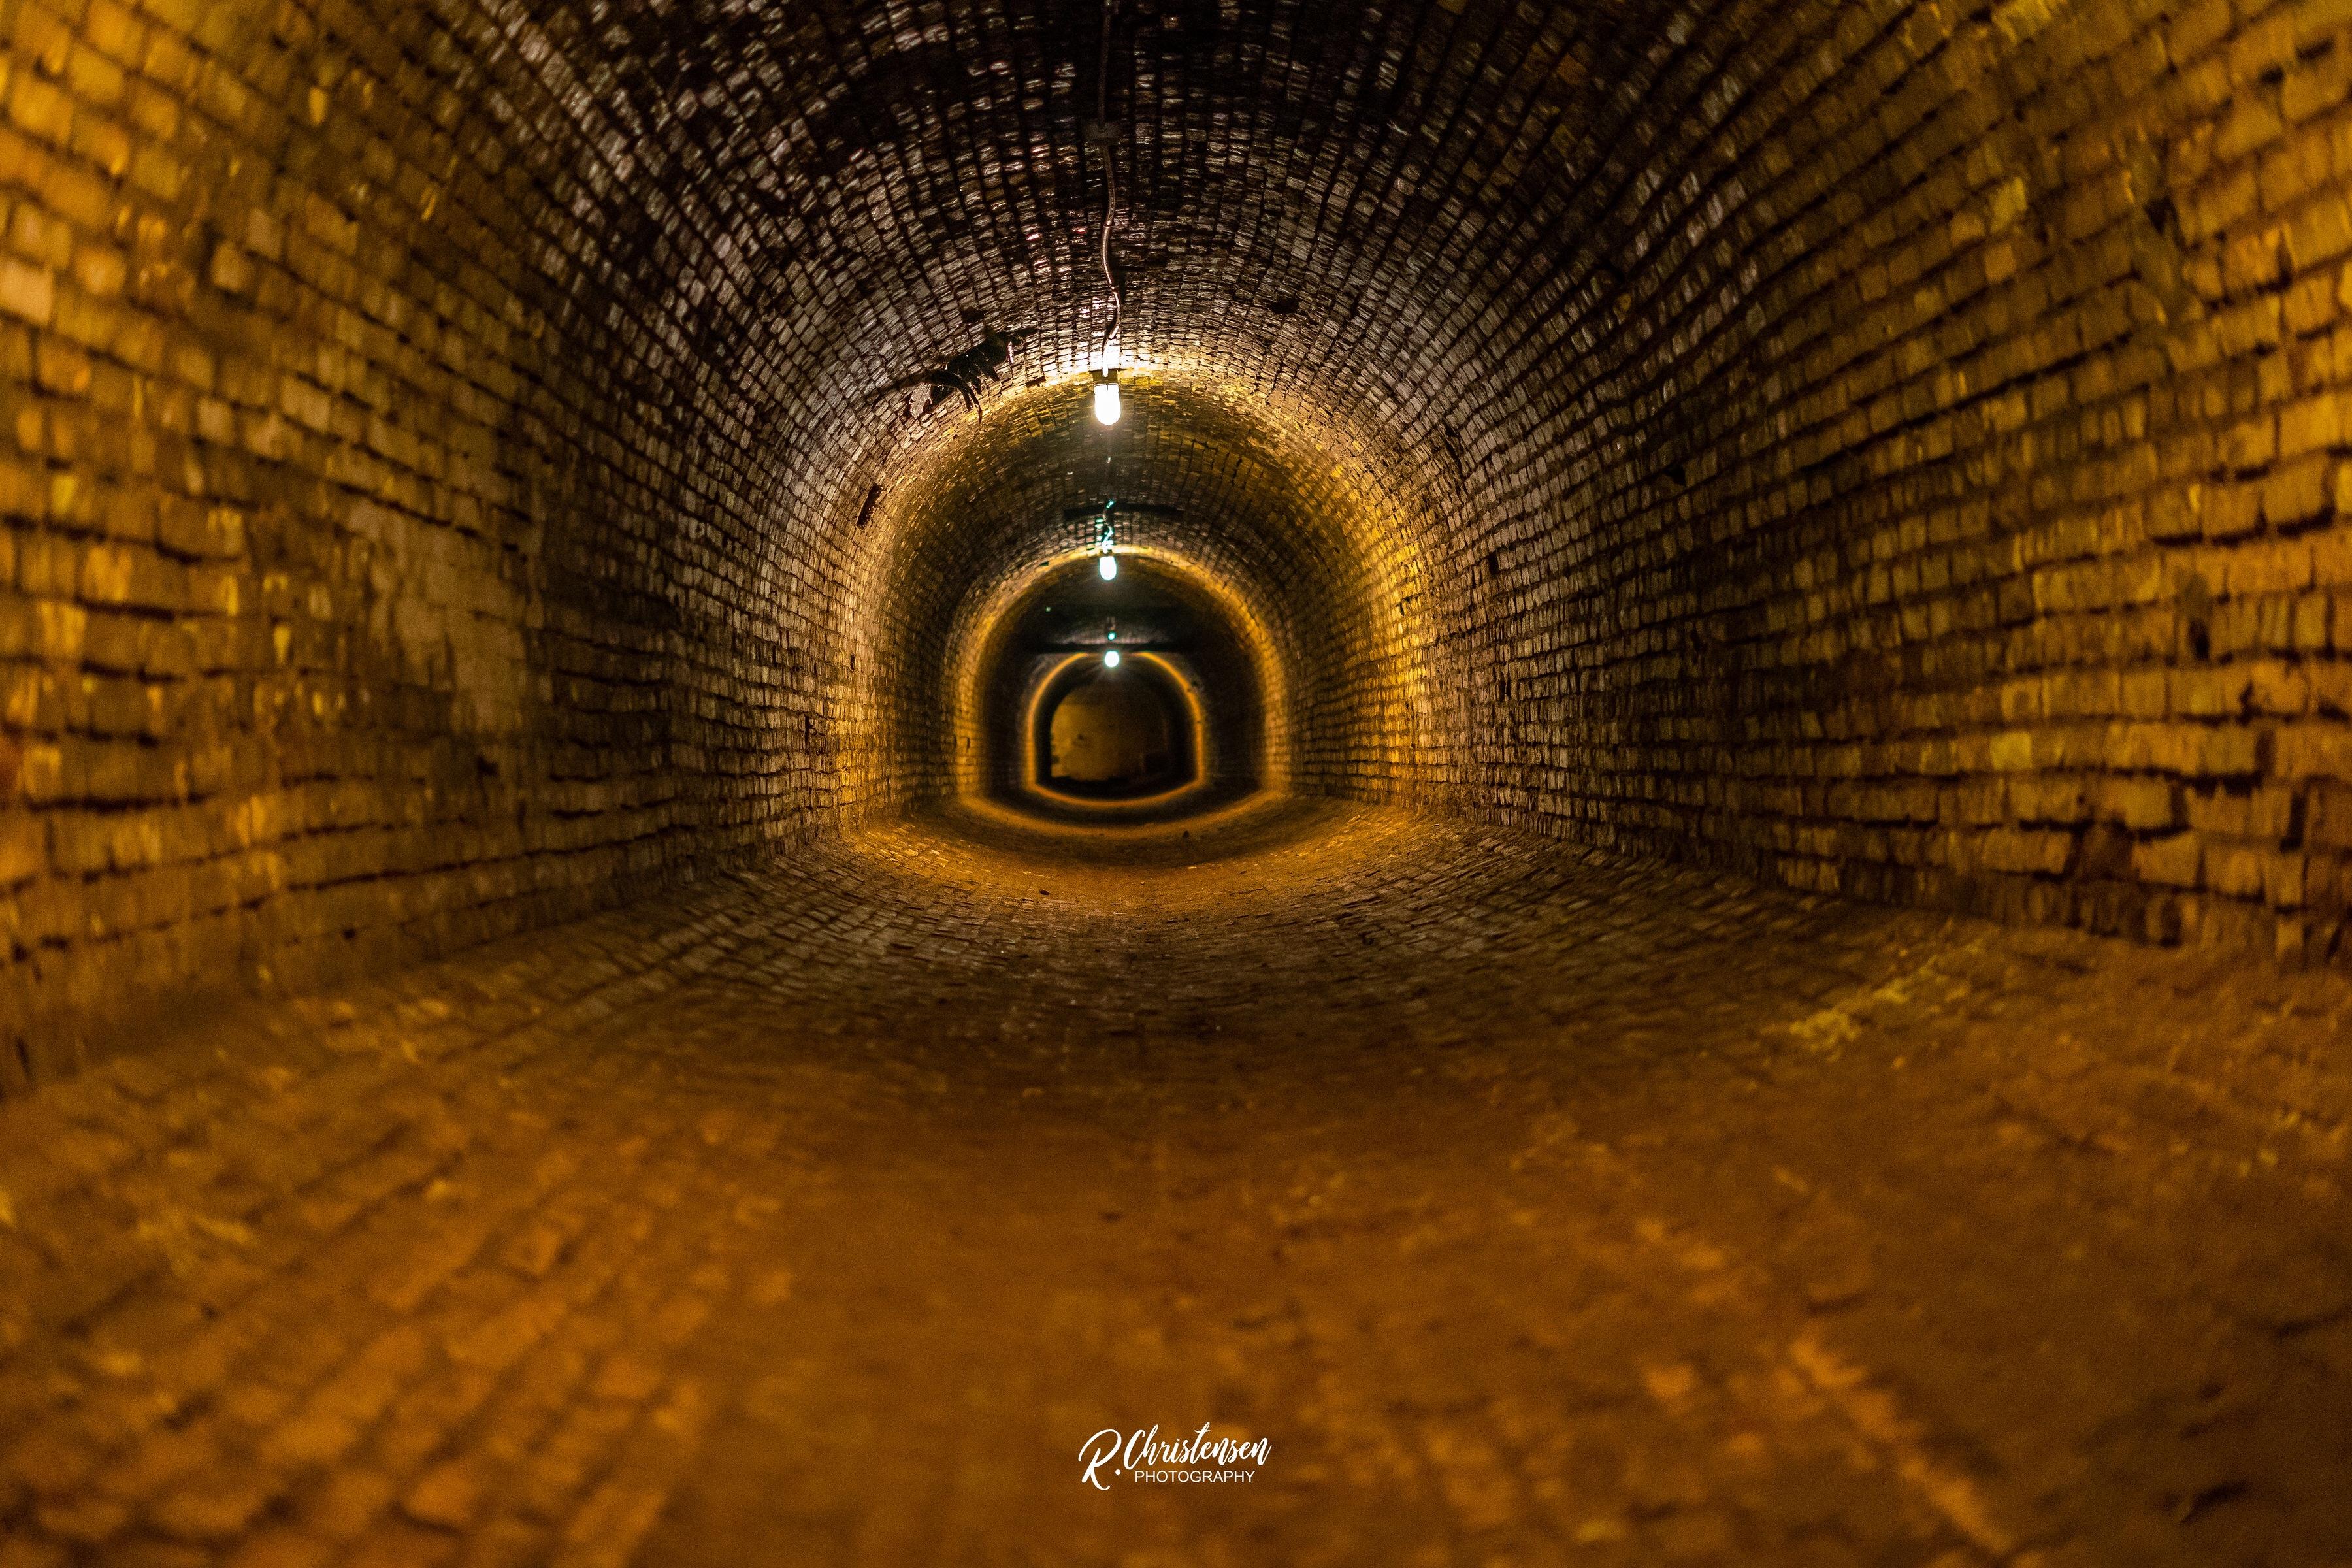 Brick arch photograph by Ryan Christensen